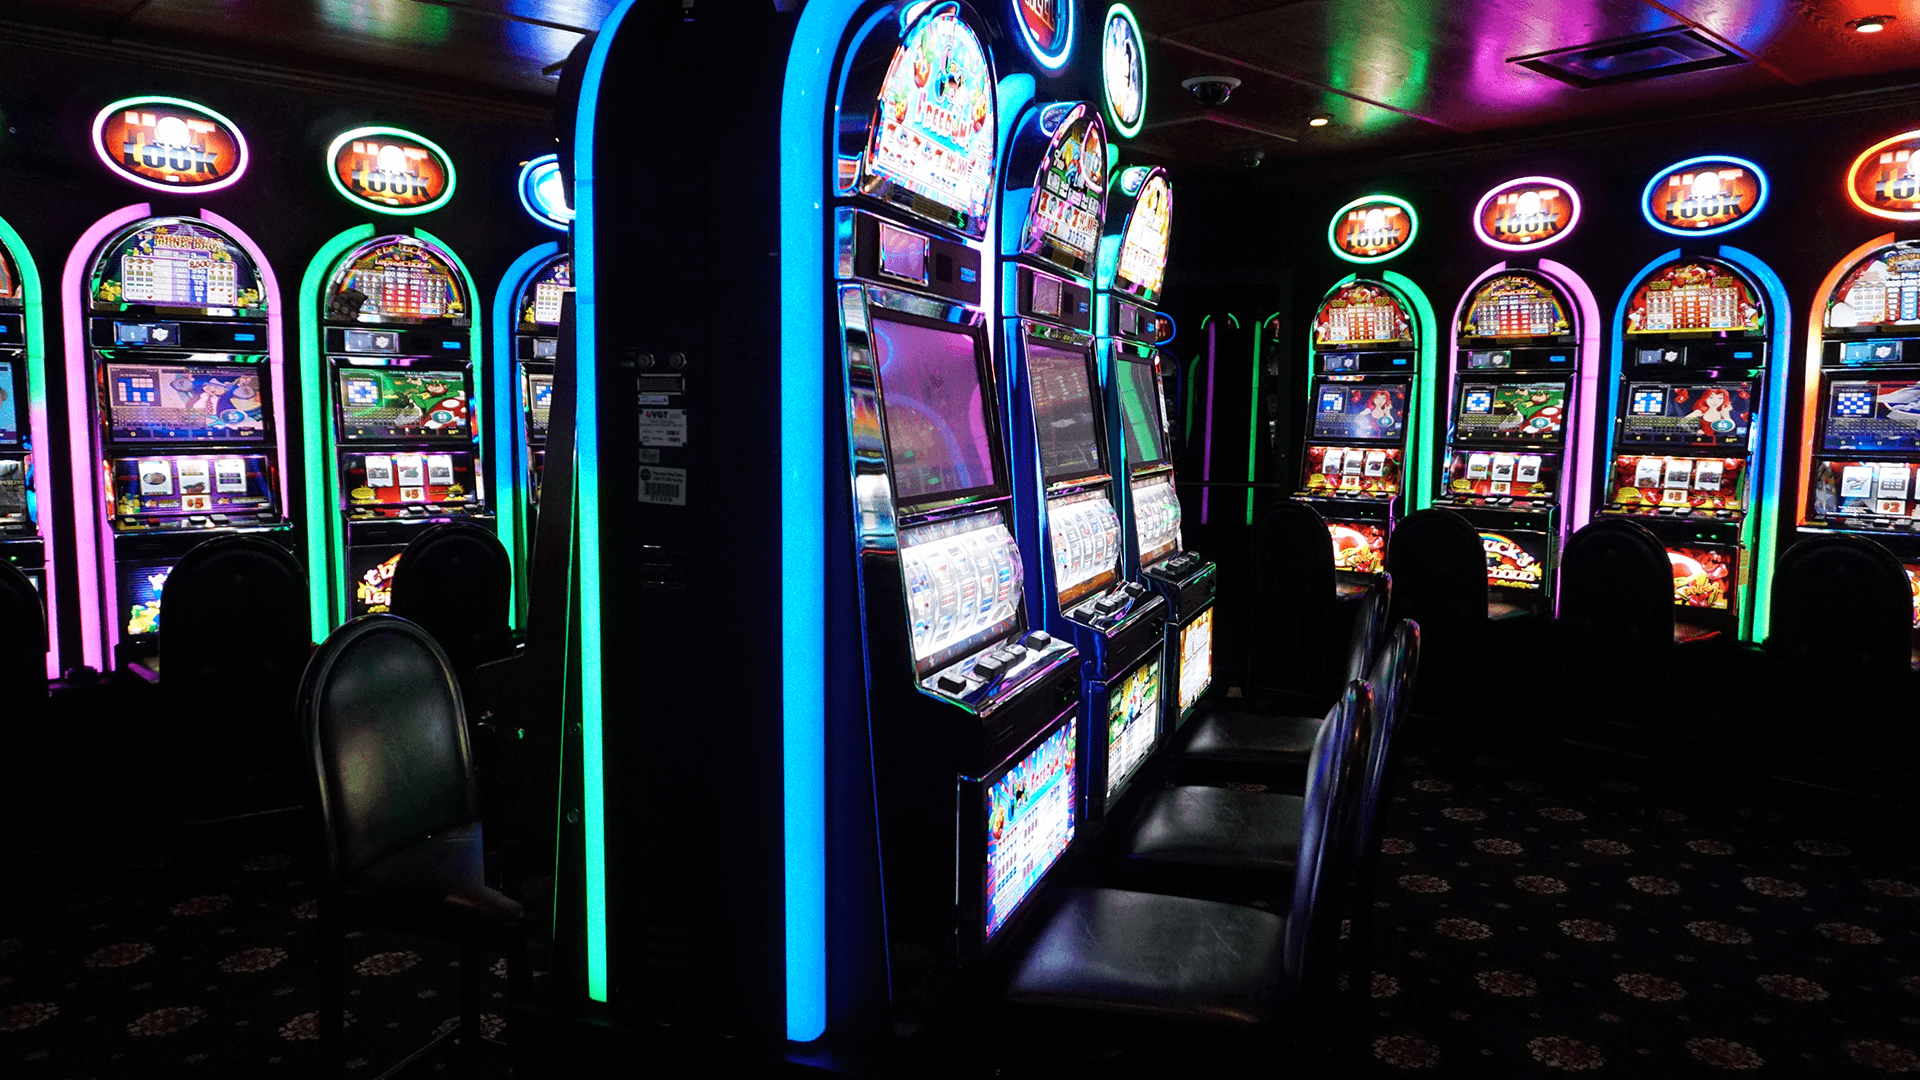 игровые автоматы играть бесплатно без регистрации кубики